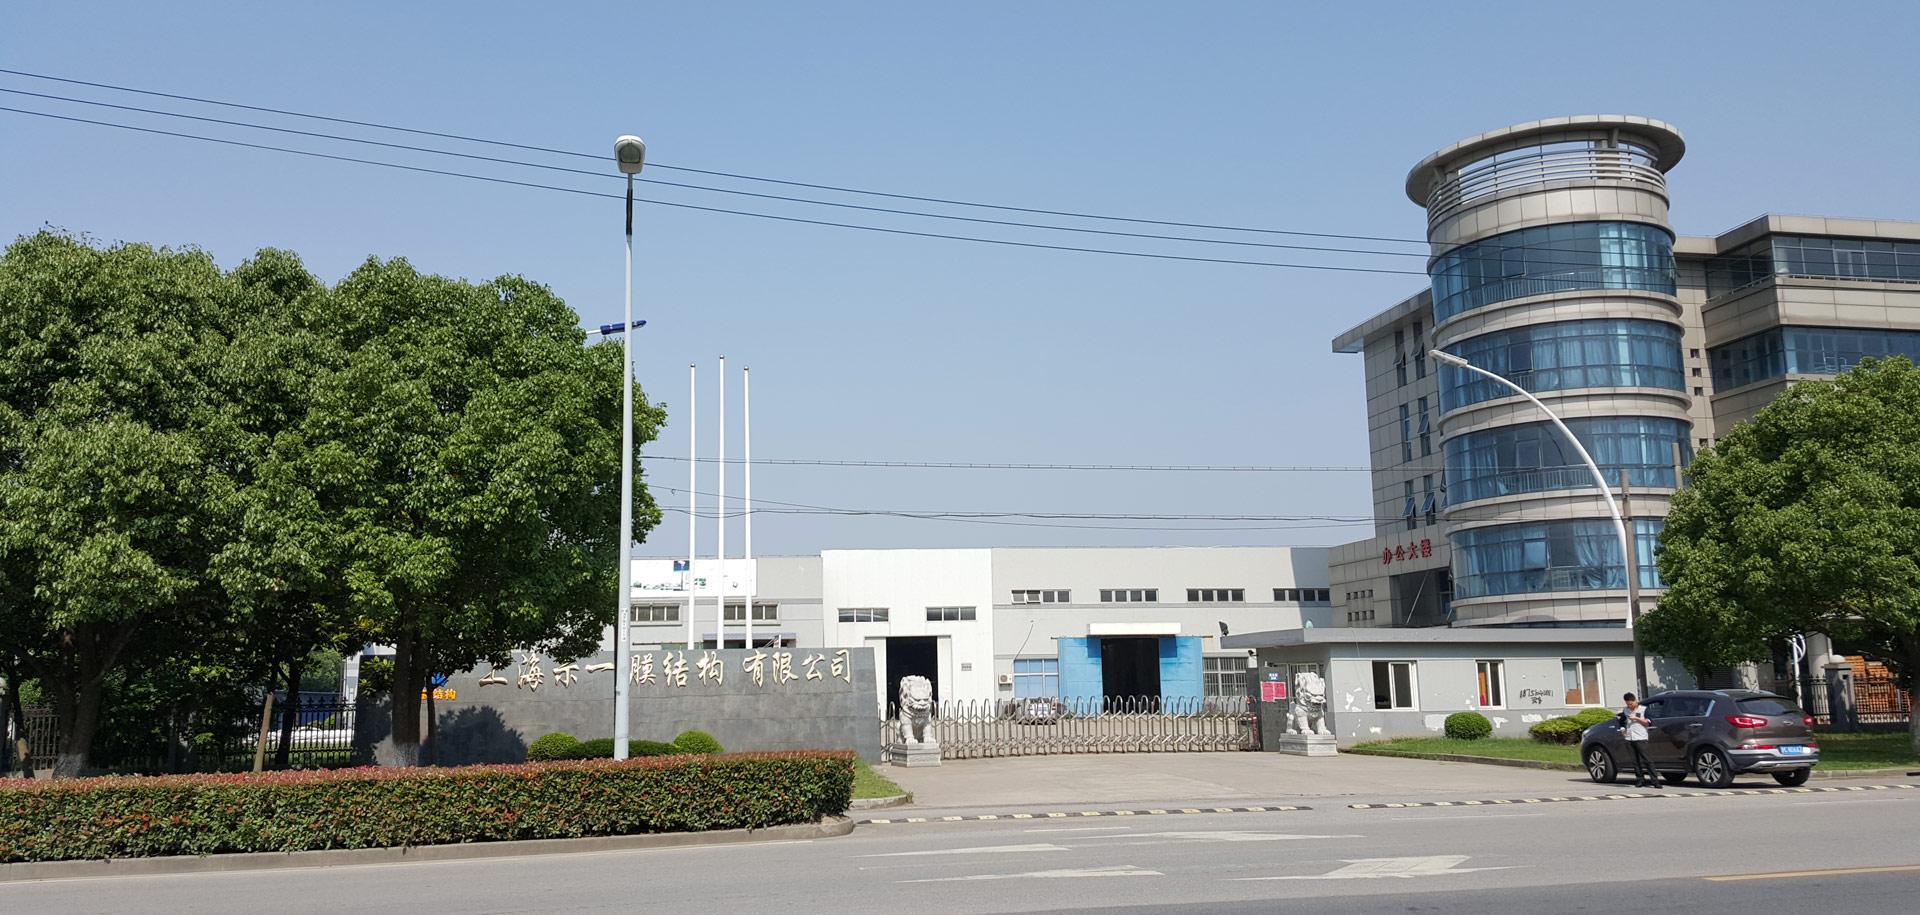 上海示一膜结构公司工厂